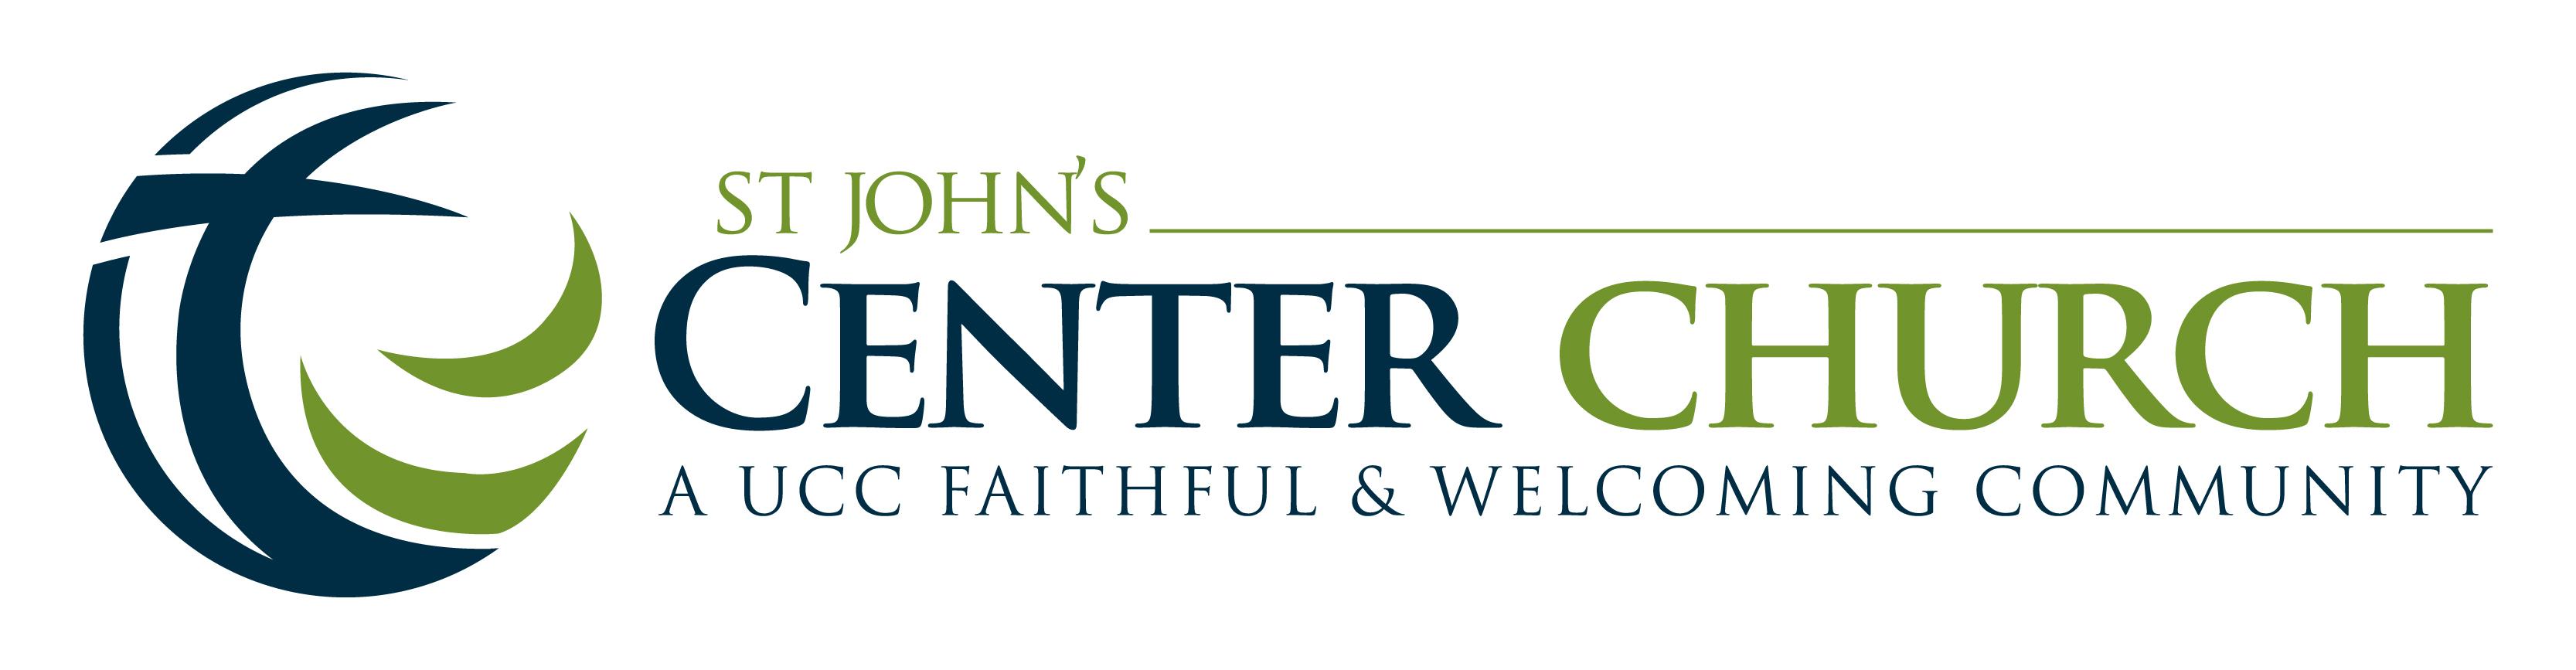 St. John's Center UCC